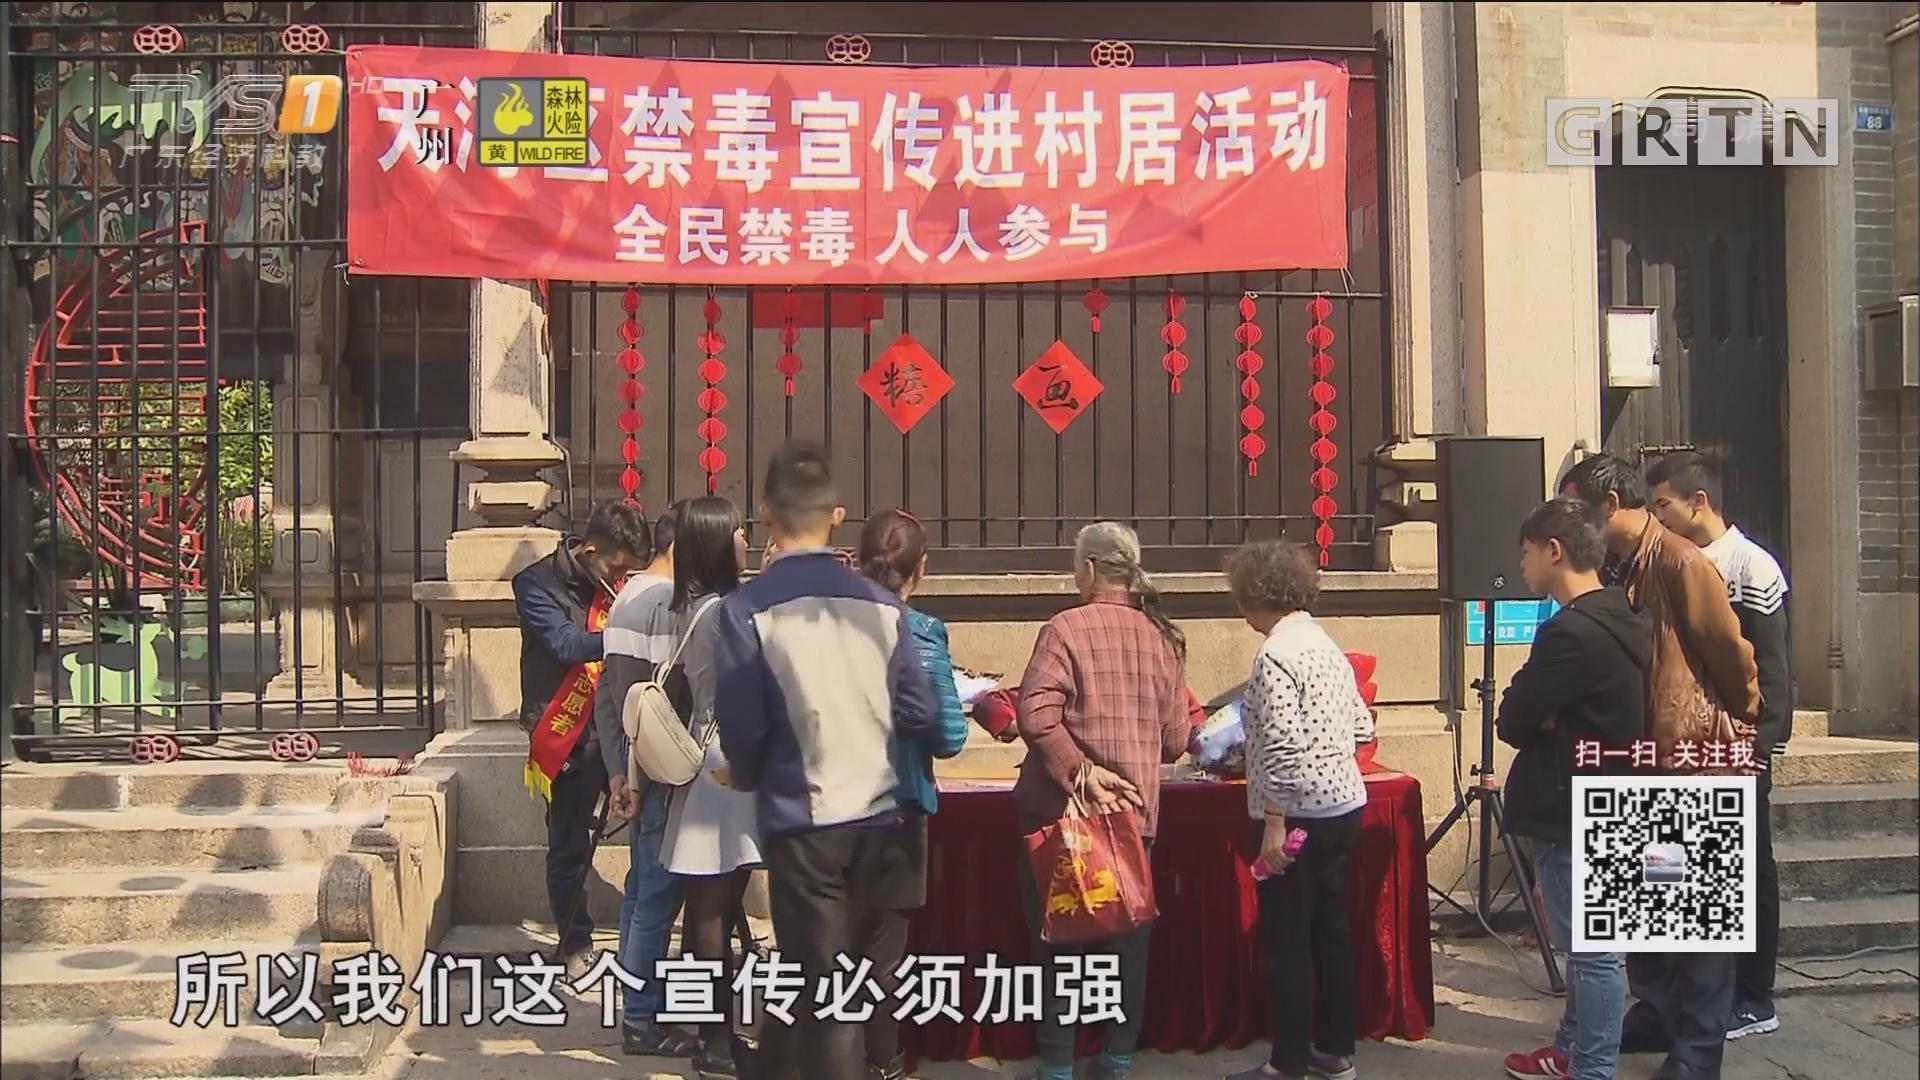 广州天河:趣味禁毒活动进村居